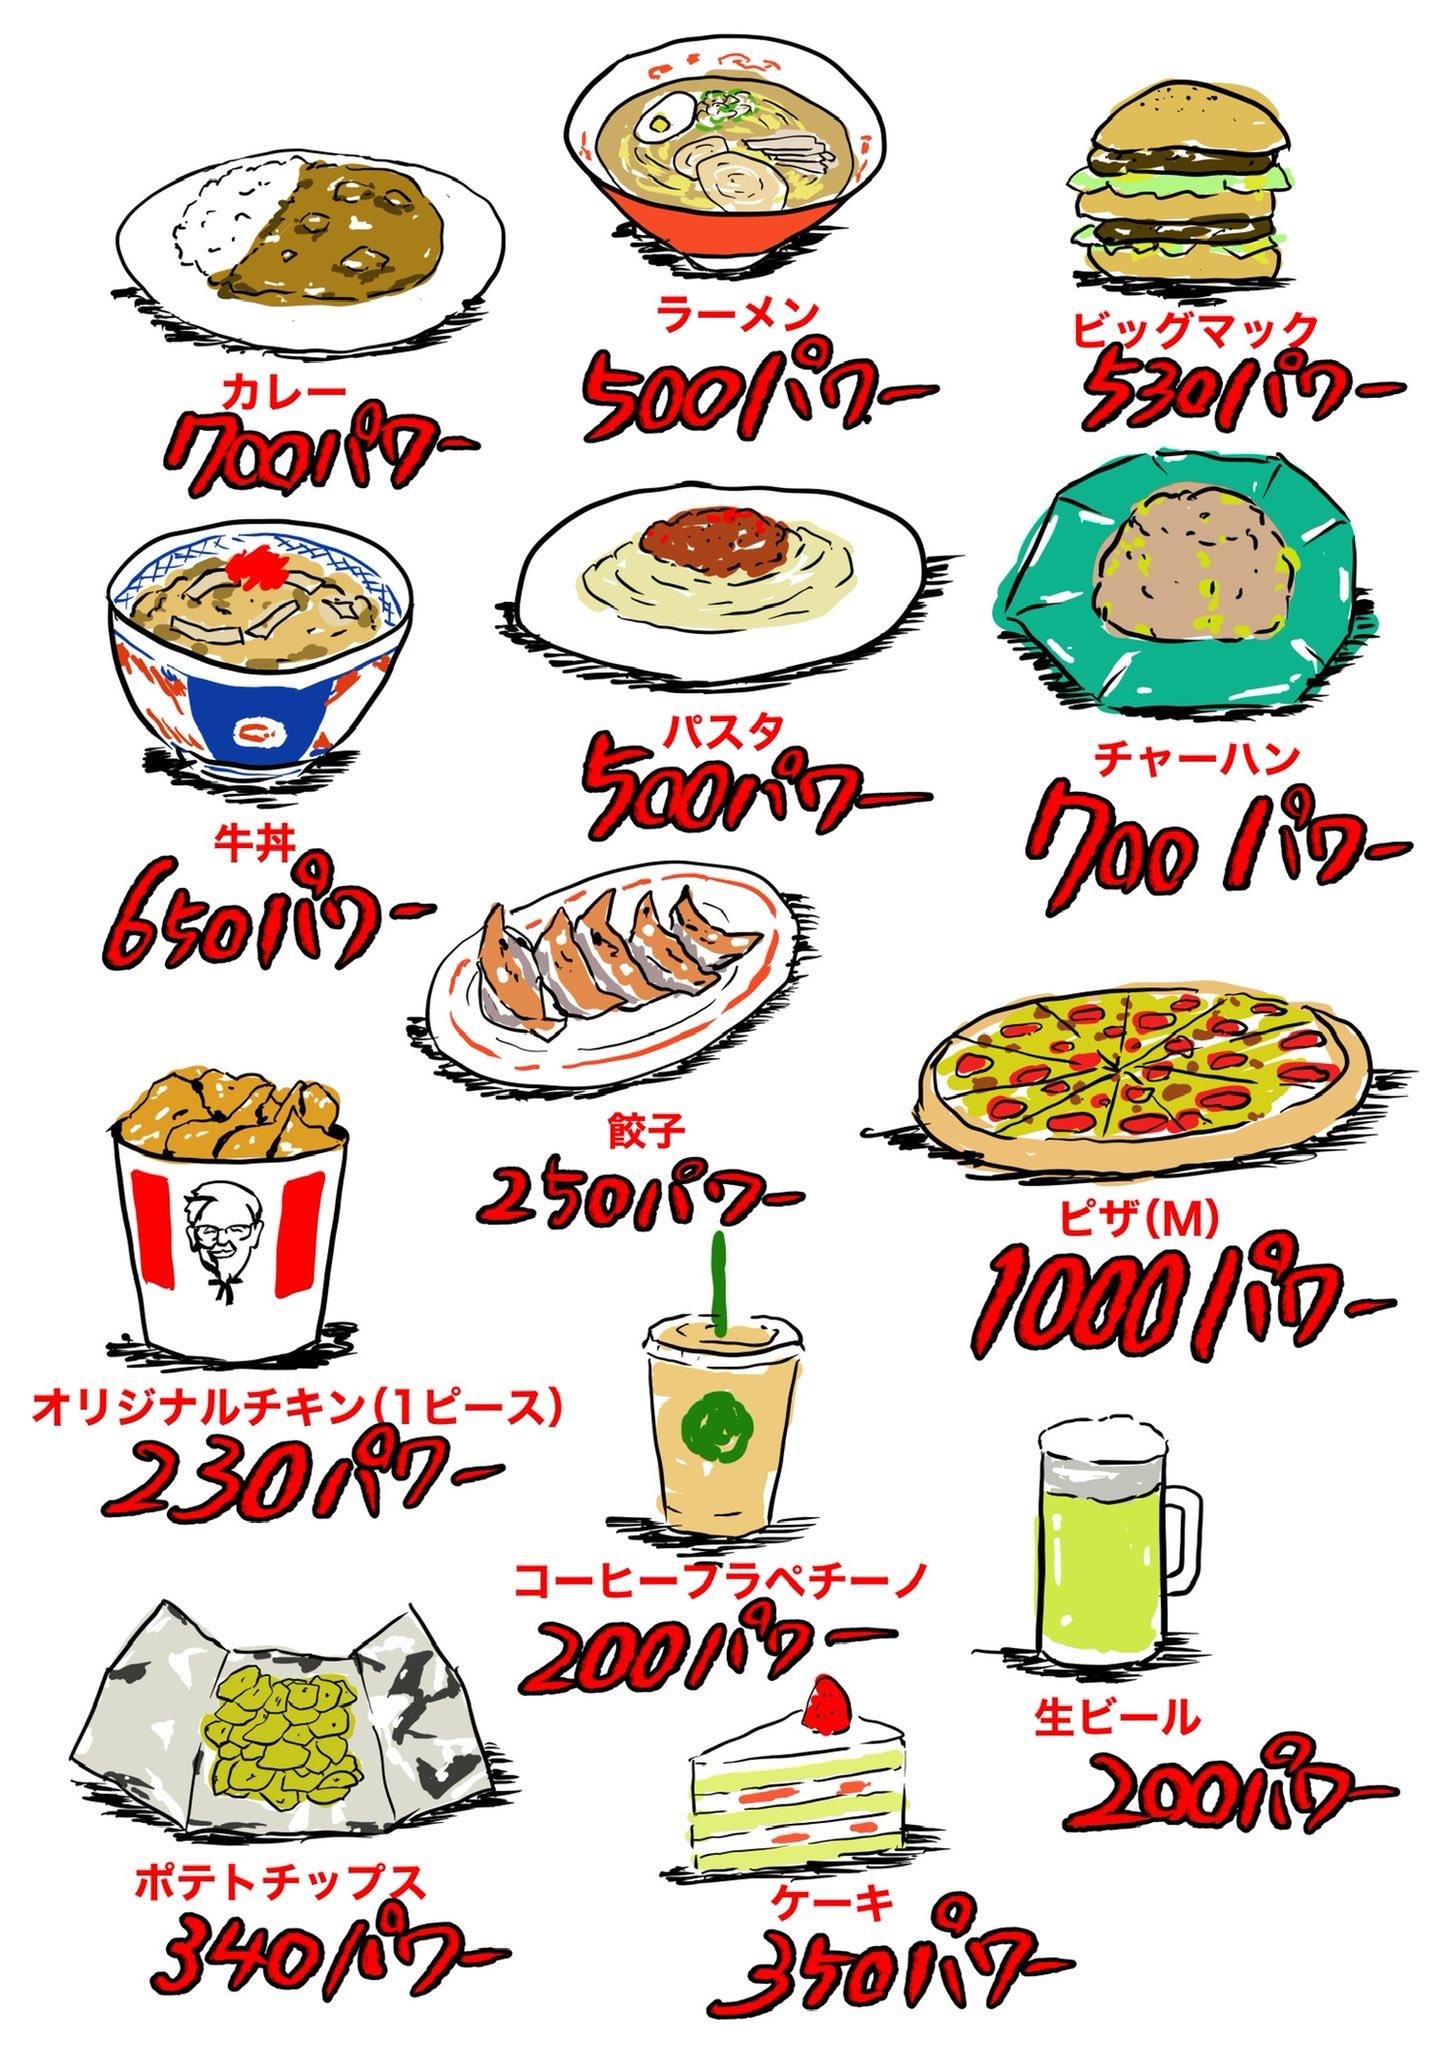 「カロリー」を「パワー」と言い換えるだけで食べる罪悪感がゼロになります!【POWER一覧表】を作ったのでこれを参考に、モリモリ食べて飲んじゃってください!